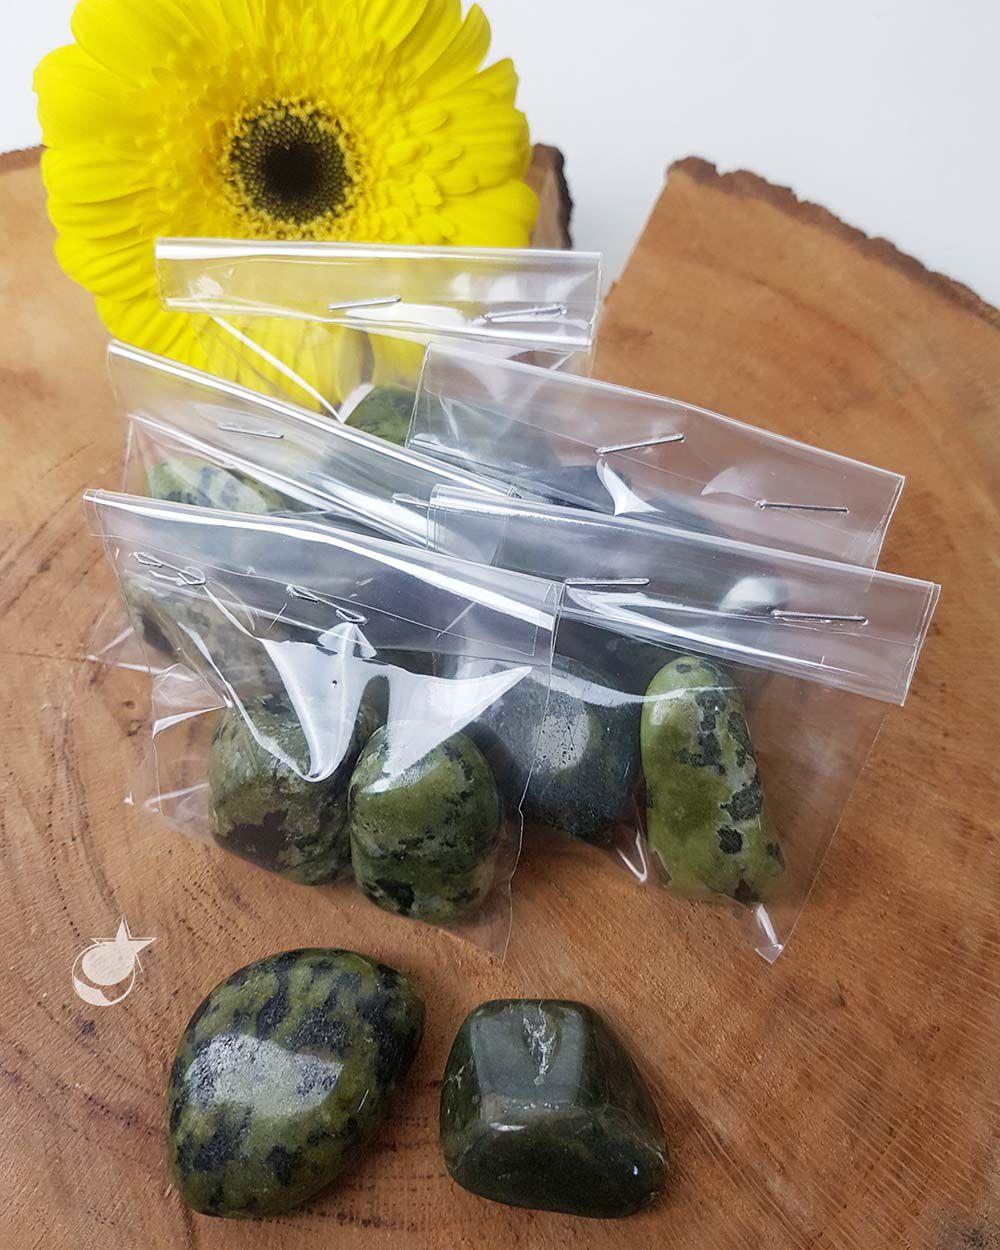 NEFRITA ROLADA -  PACOTE COM 50g (2 a 3 pedras)